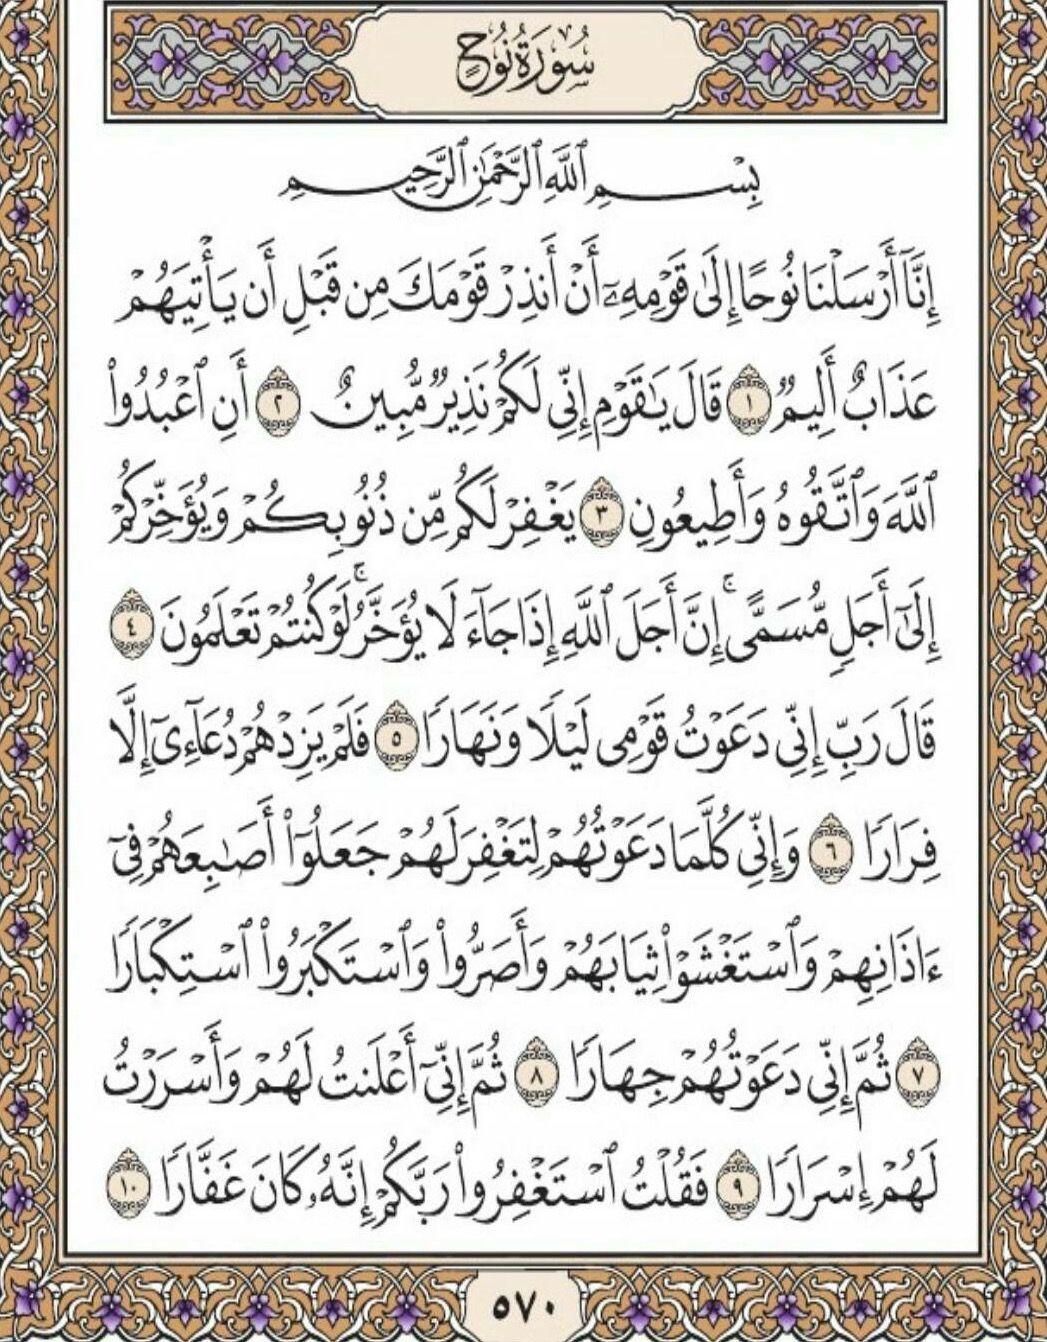 ١ ١٠ نوح Holy Quran Book Quran Book Architecture Collection